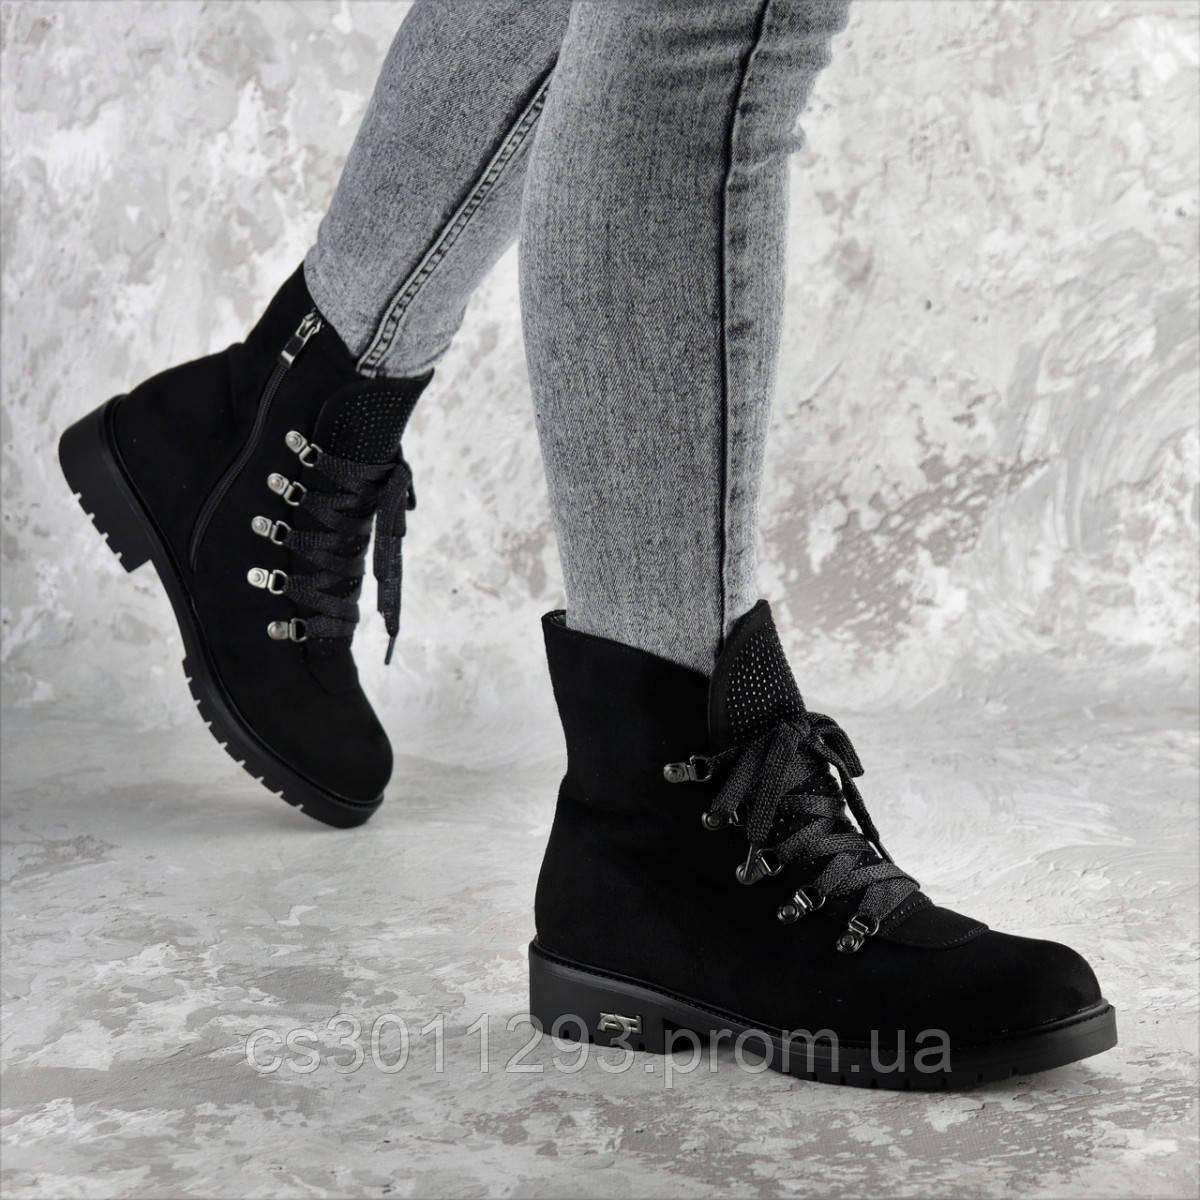 Ботинки женские зимние Fashion Oberon 2379 36 размер 23,5 см Черный